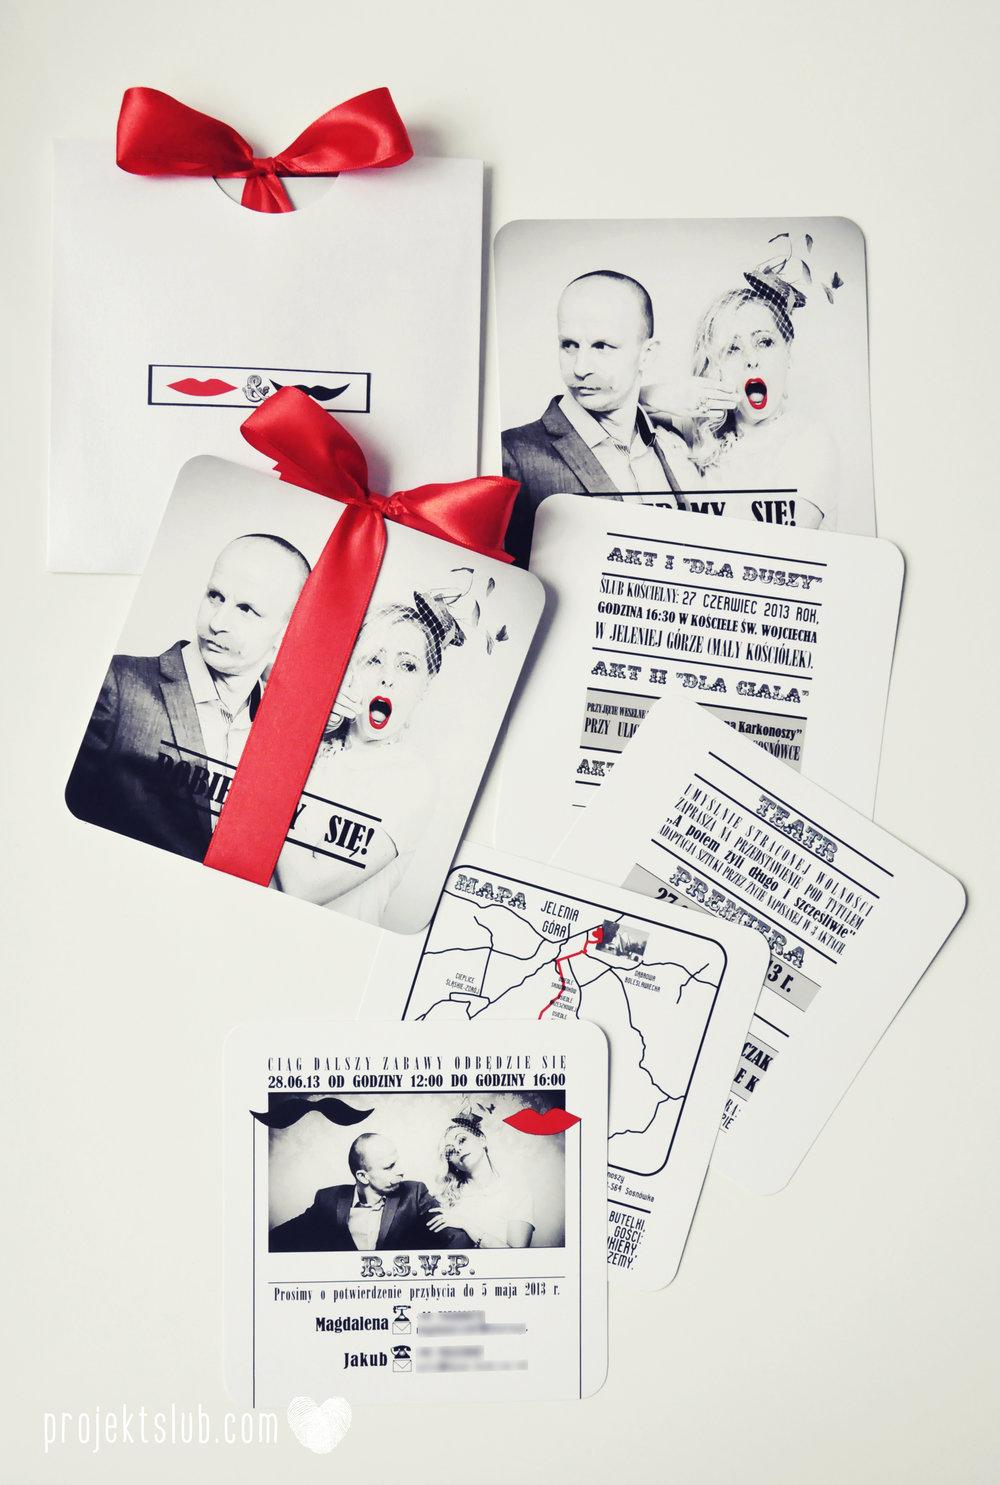 Oryginalne zaproszenia ślubne ze zdjęciem motyw przewodni usta i wąsy czerwona wstążka czarno białe nowoczesne retro projekt ślub (16).JPG